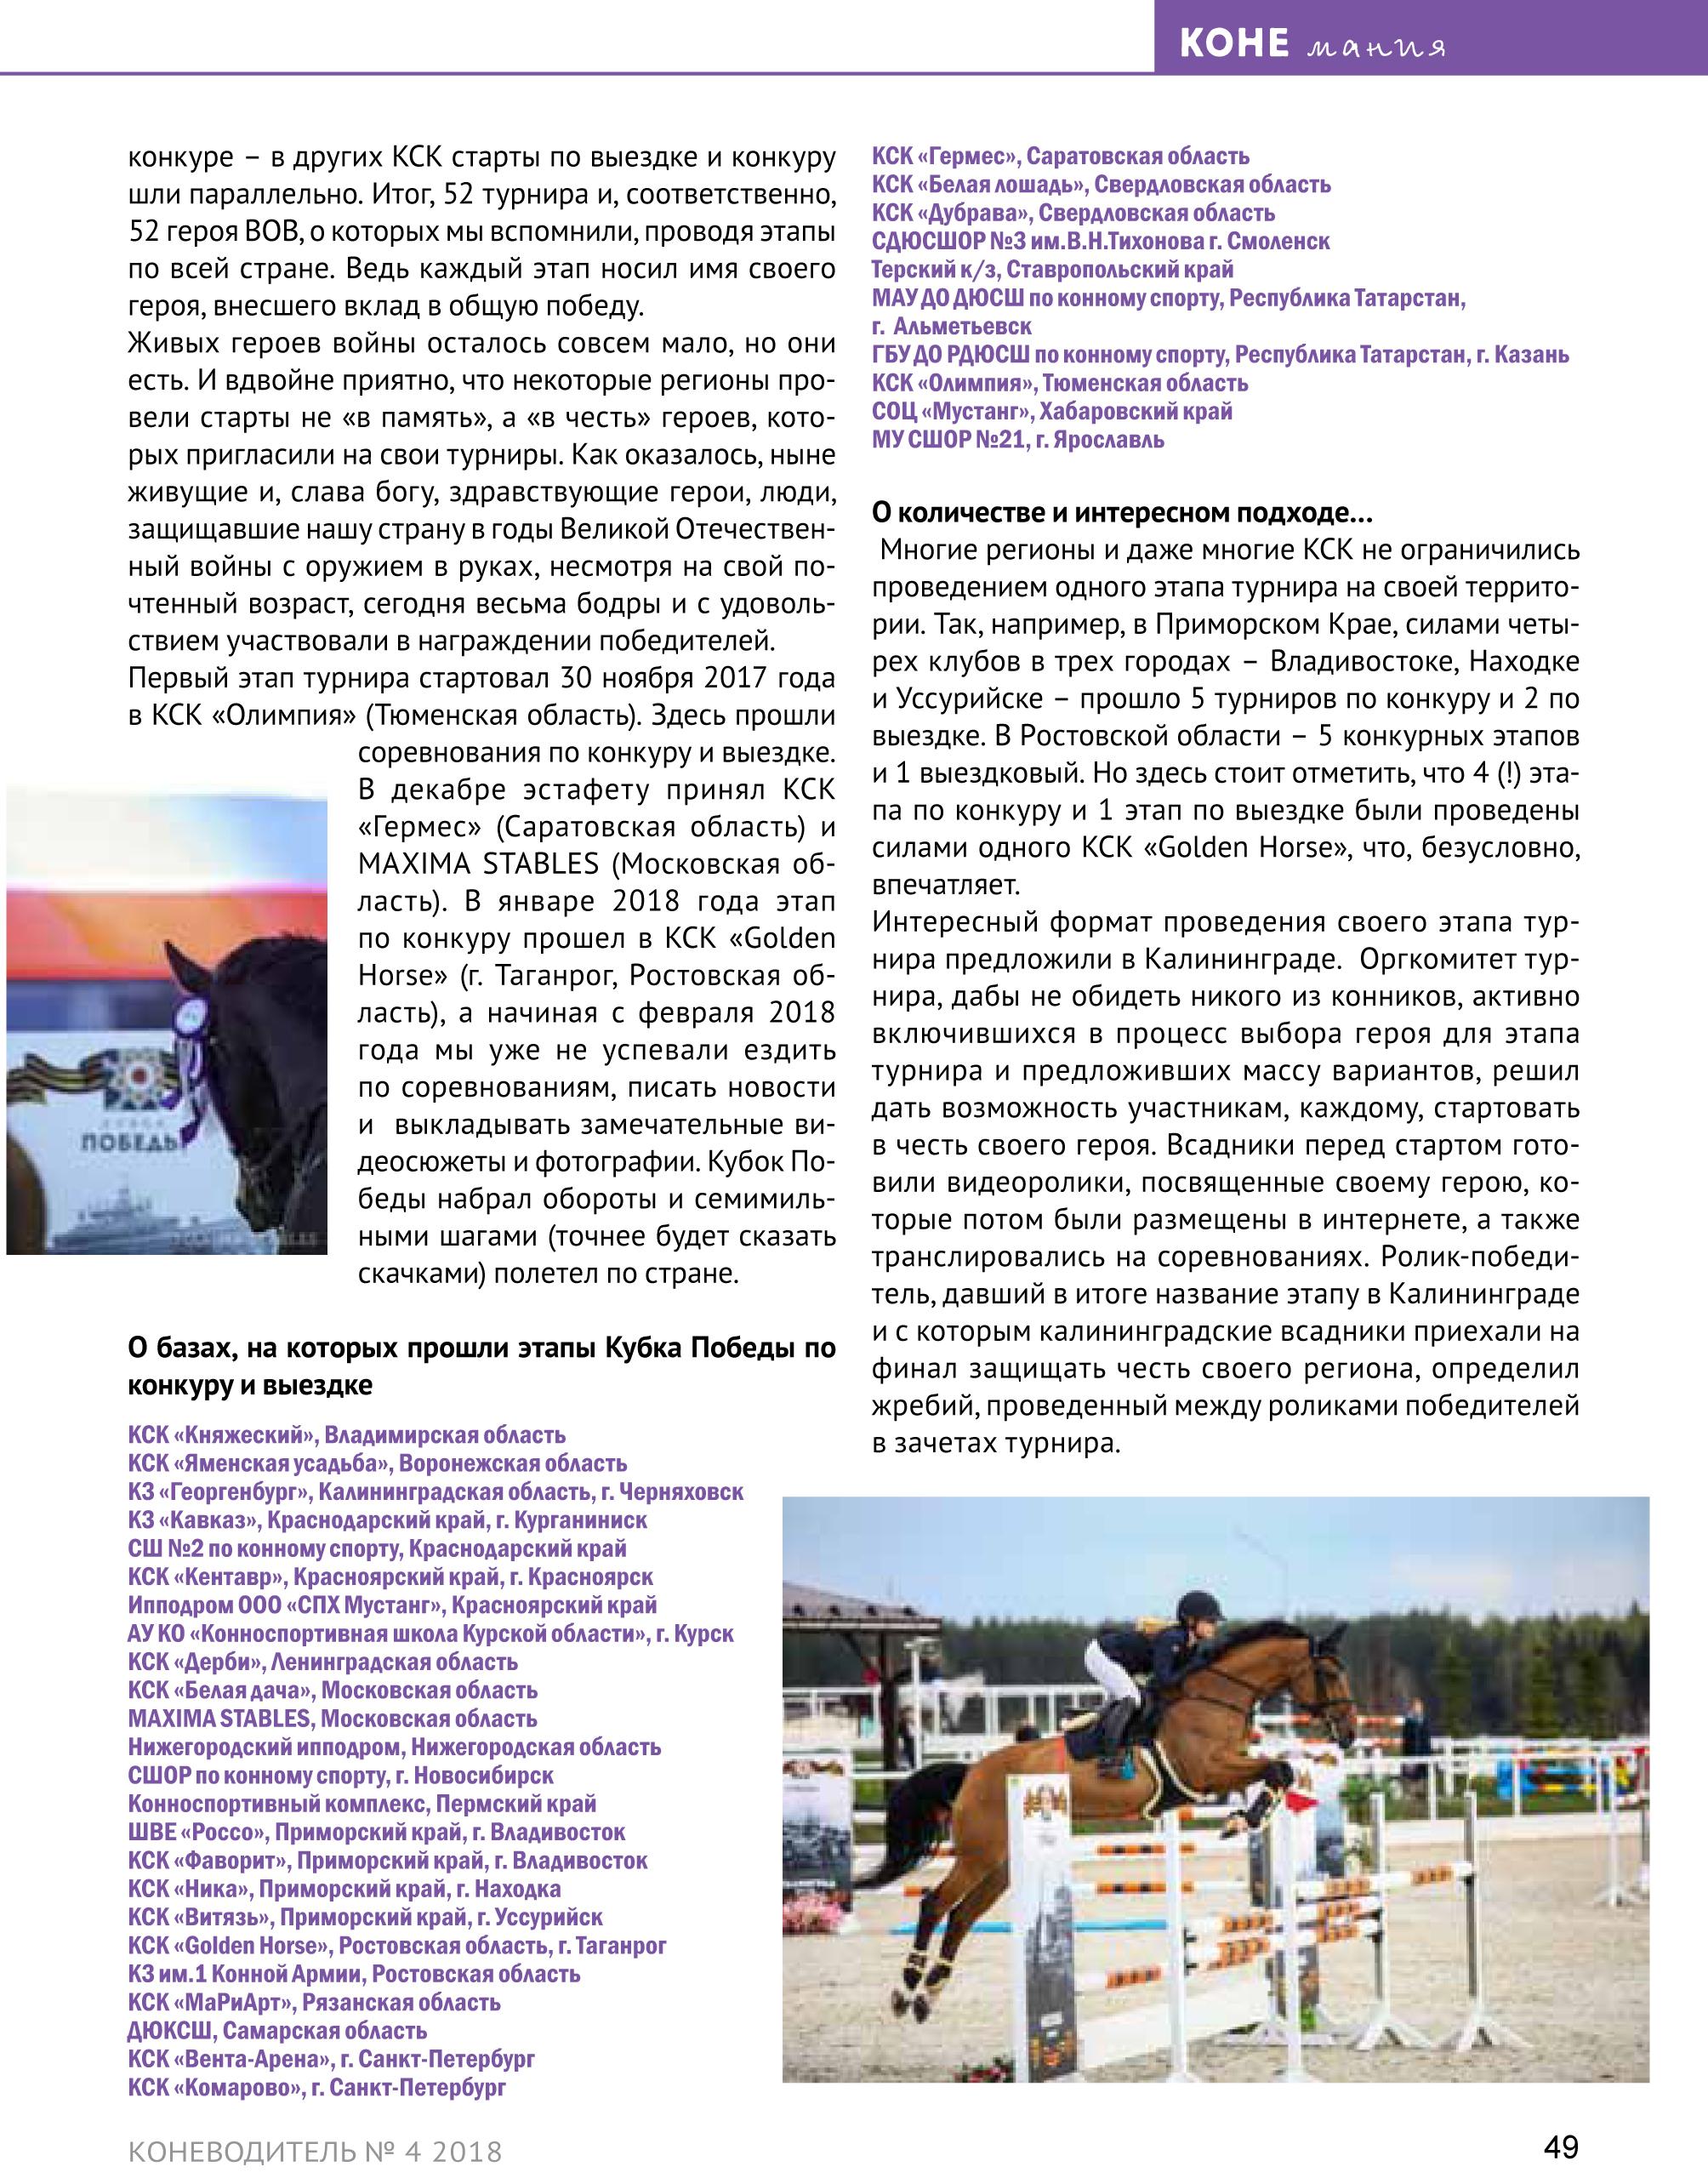 Book КОНЕВОДИТЕЛЬ 4_ proof-49